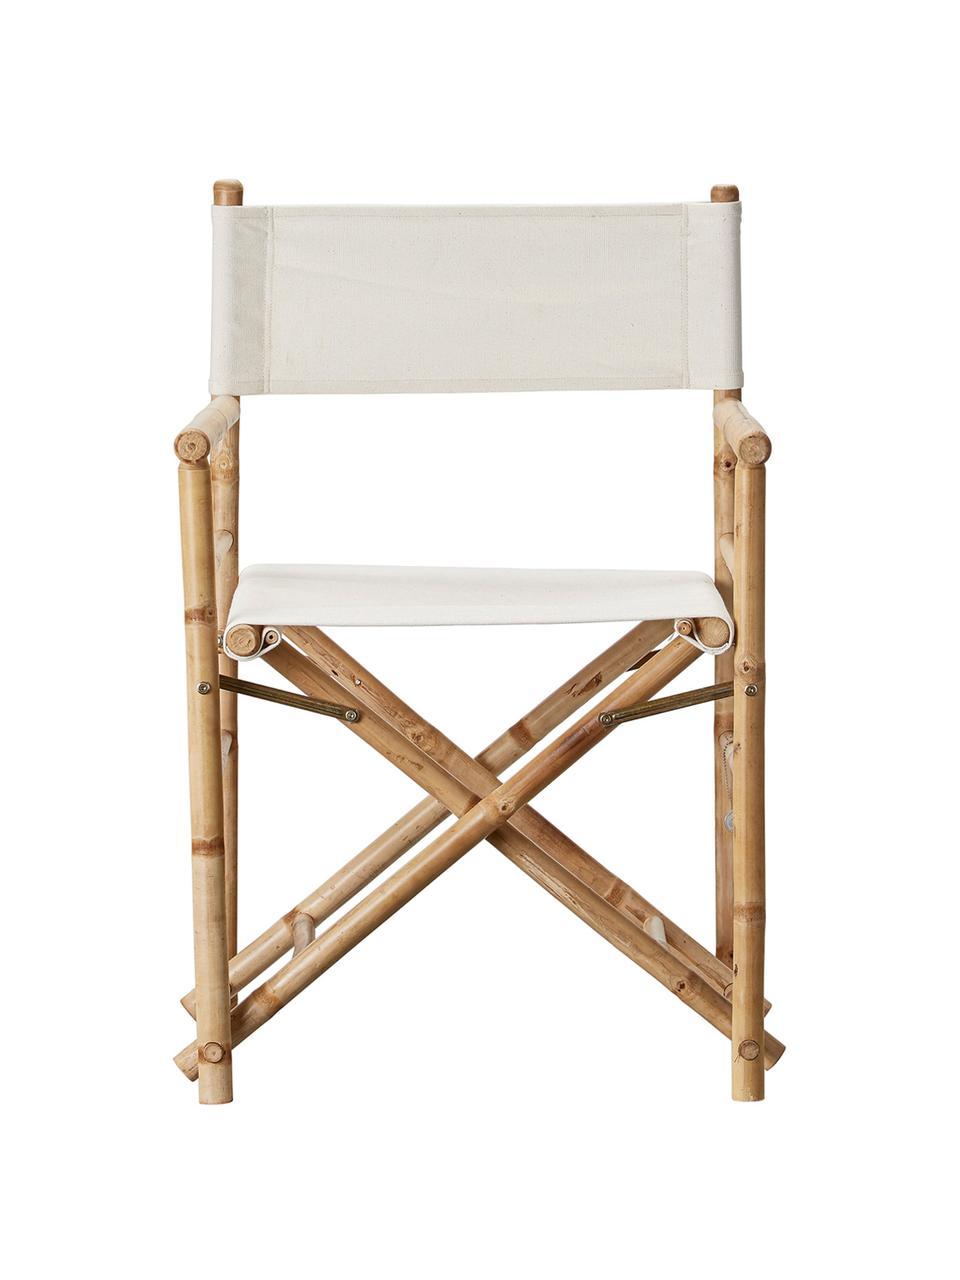 Skládací režisérská židle z bambusového dřeva Mandisa, Bambus, světlý len